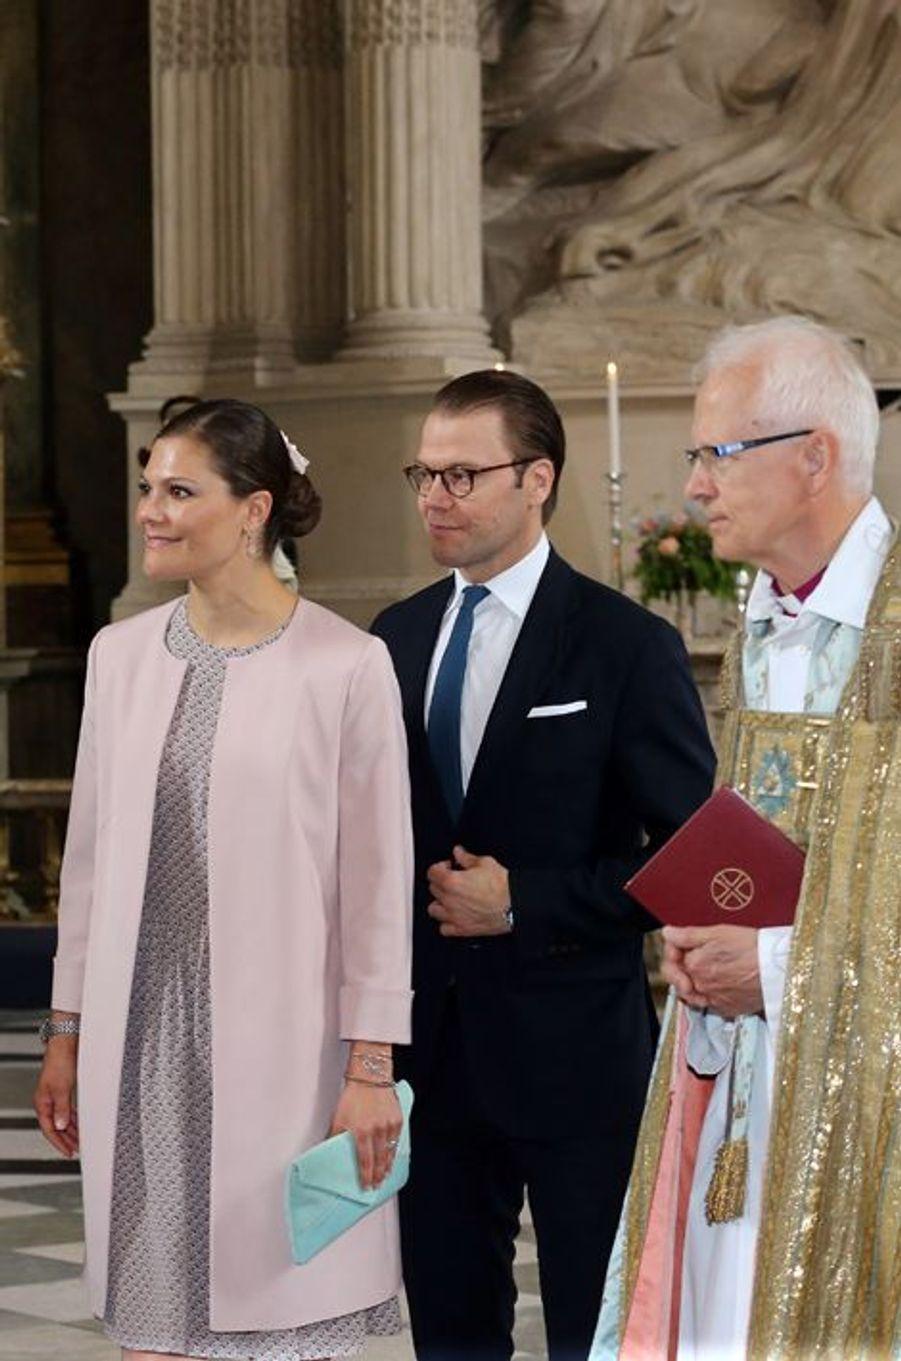 La princesse Victoria et le prince Daniel dans la chapelle royale à Stockholm, le 18 juin 2015